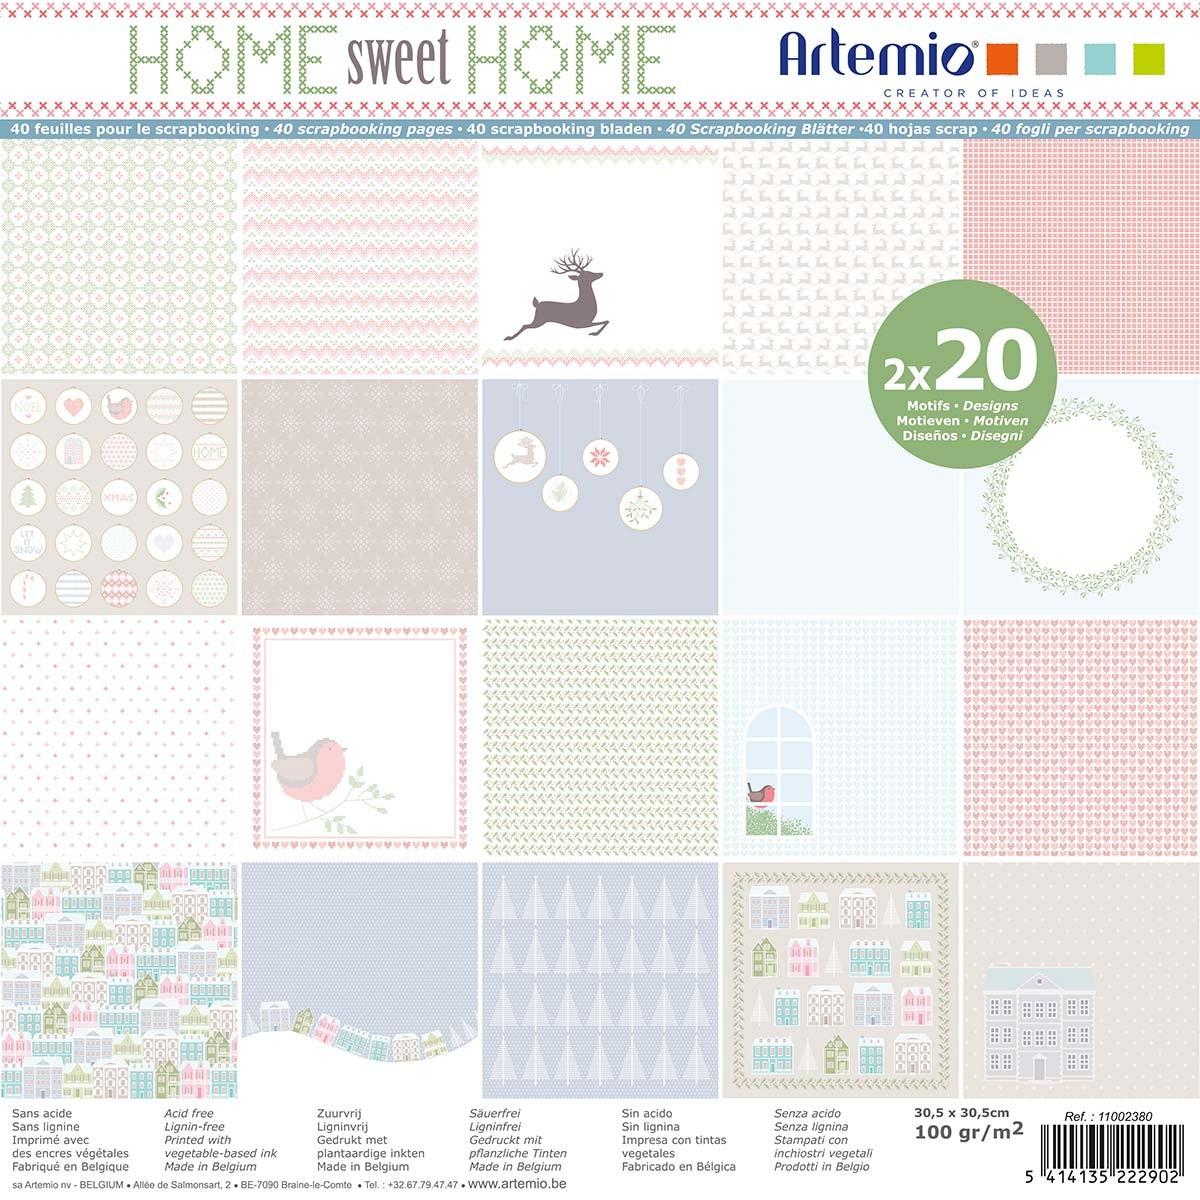 Home Weet Home, colección de Artemio de scrap Navidad.